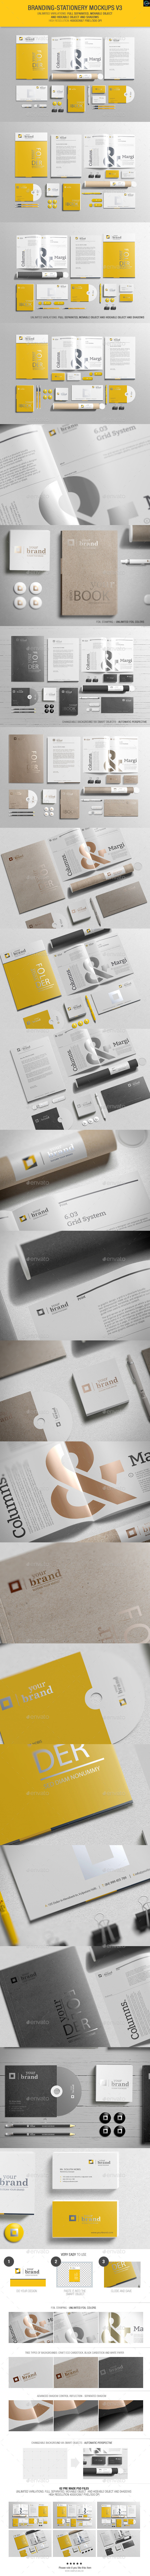 Branding-Stationery Mockups V3 - Stationery Print